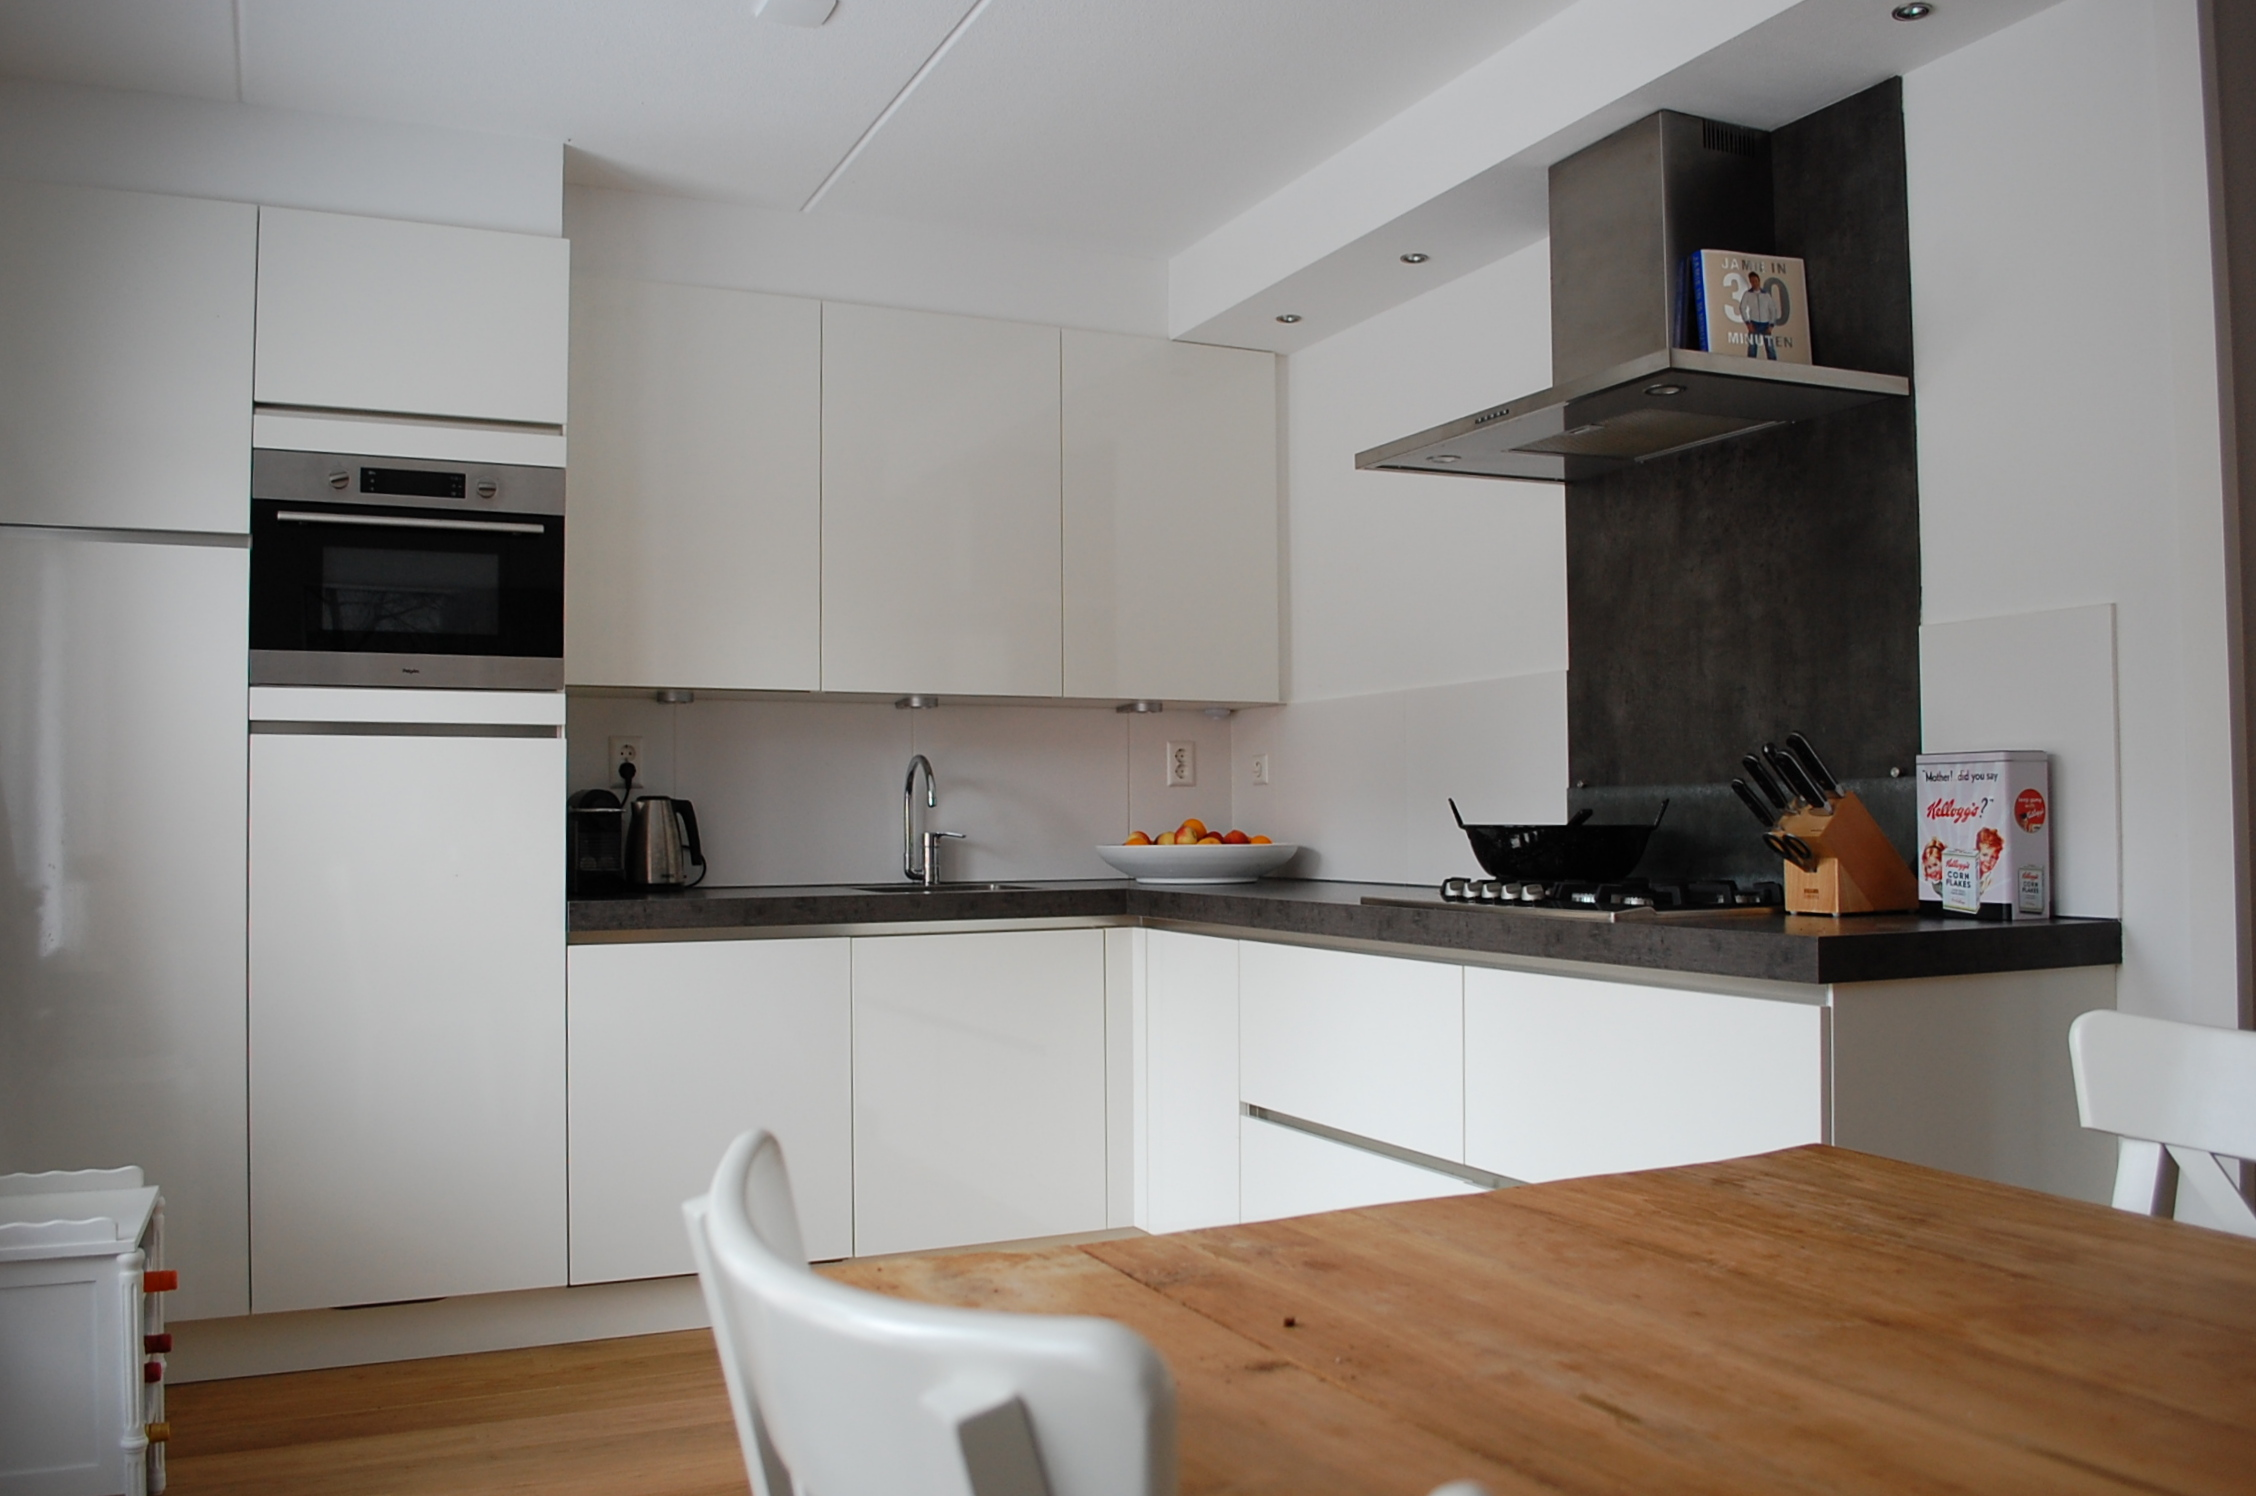 Witte Keuken Houten Vloer : De strakke, witte keuken krijgt door de houten vloer en tafel een warm